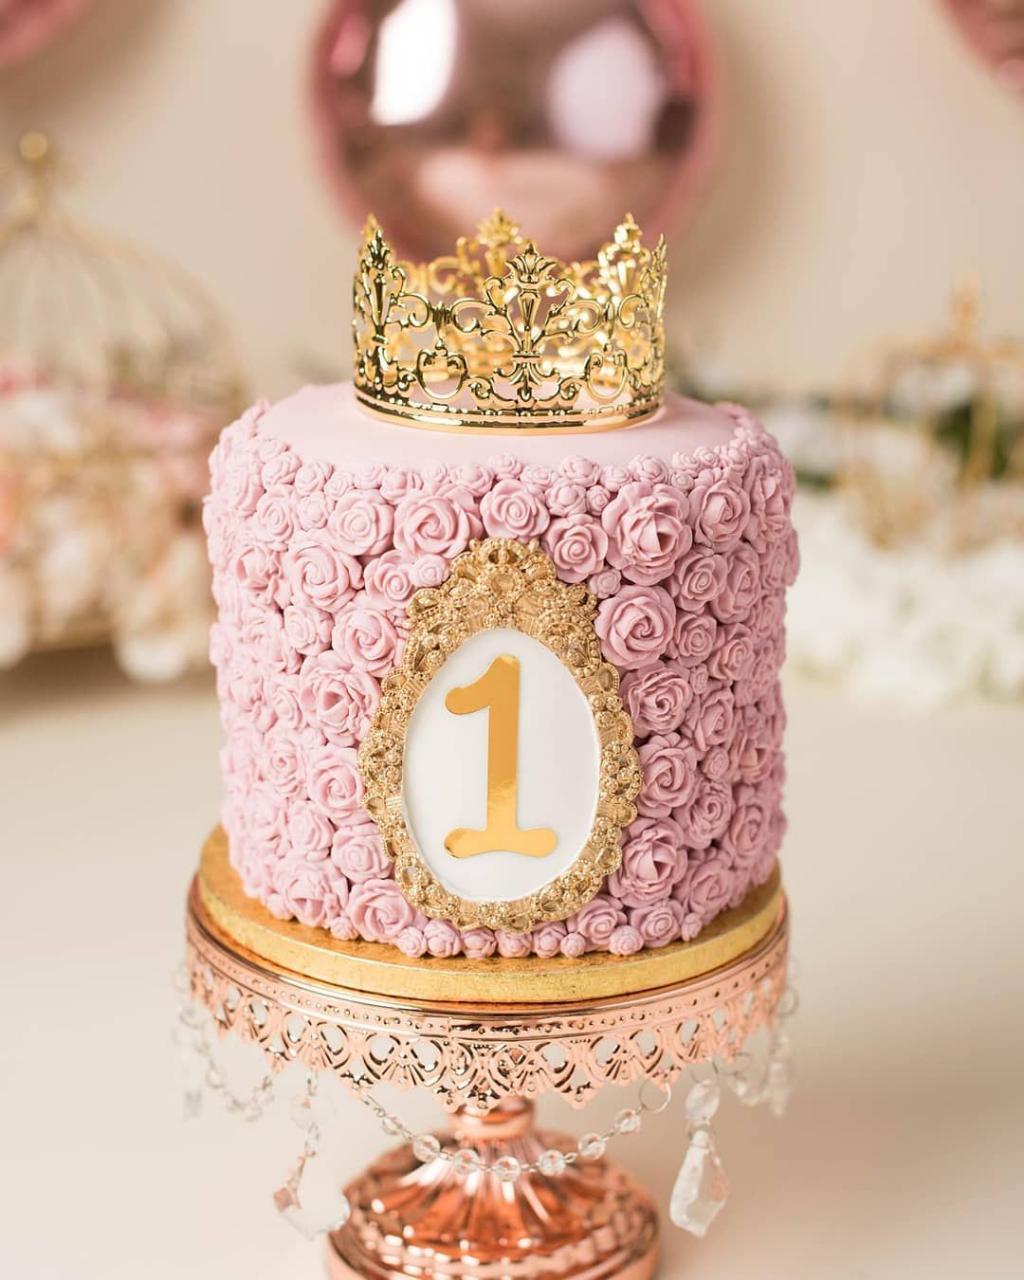 مدل کیک پرنسسی مدل تاج طلایی جدید